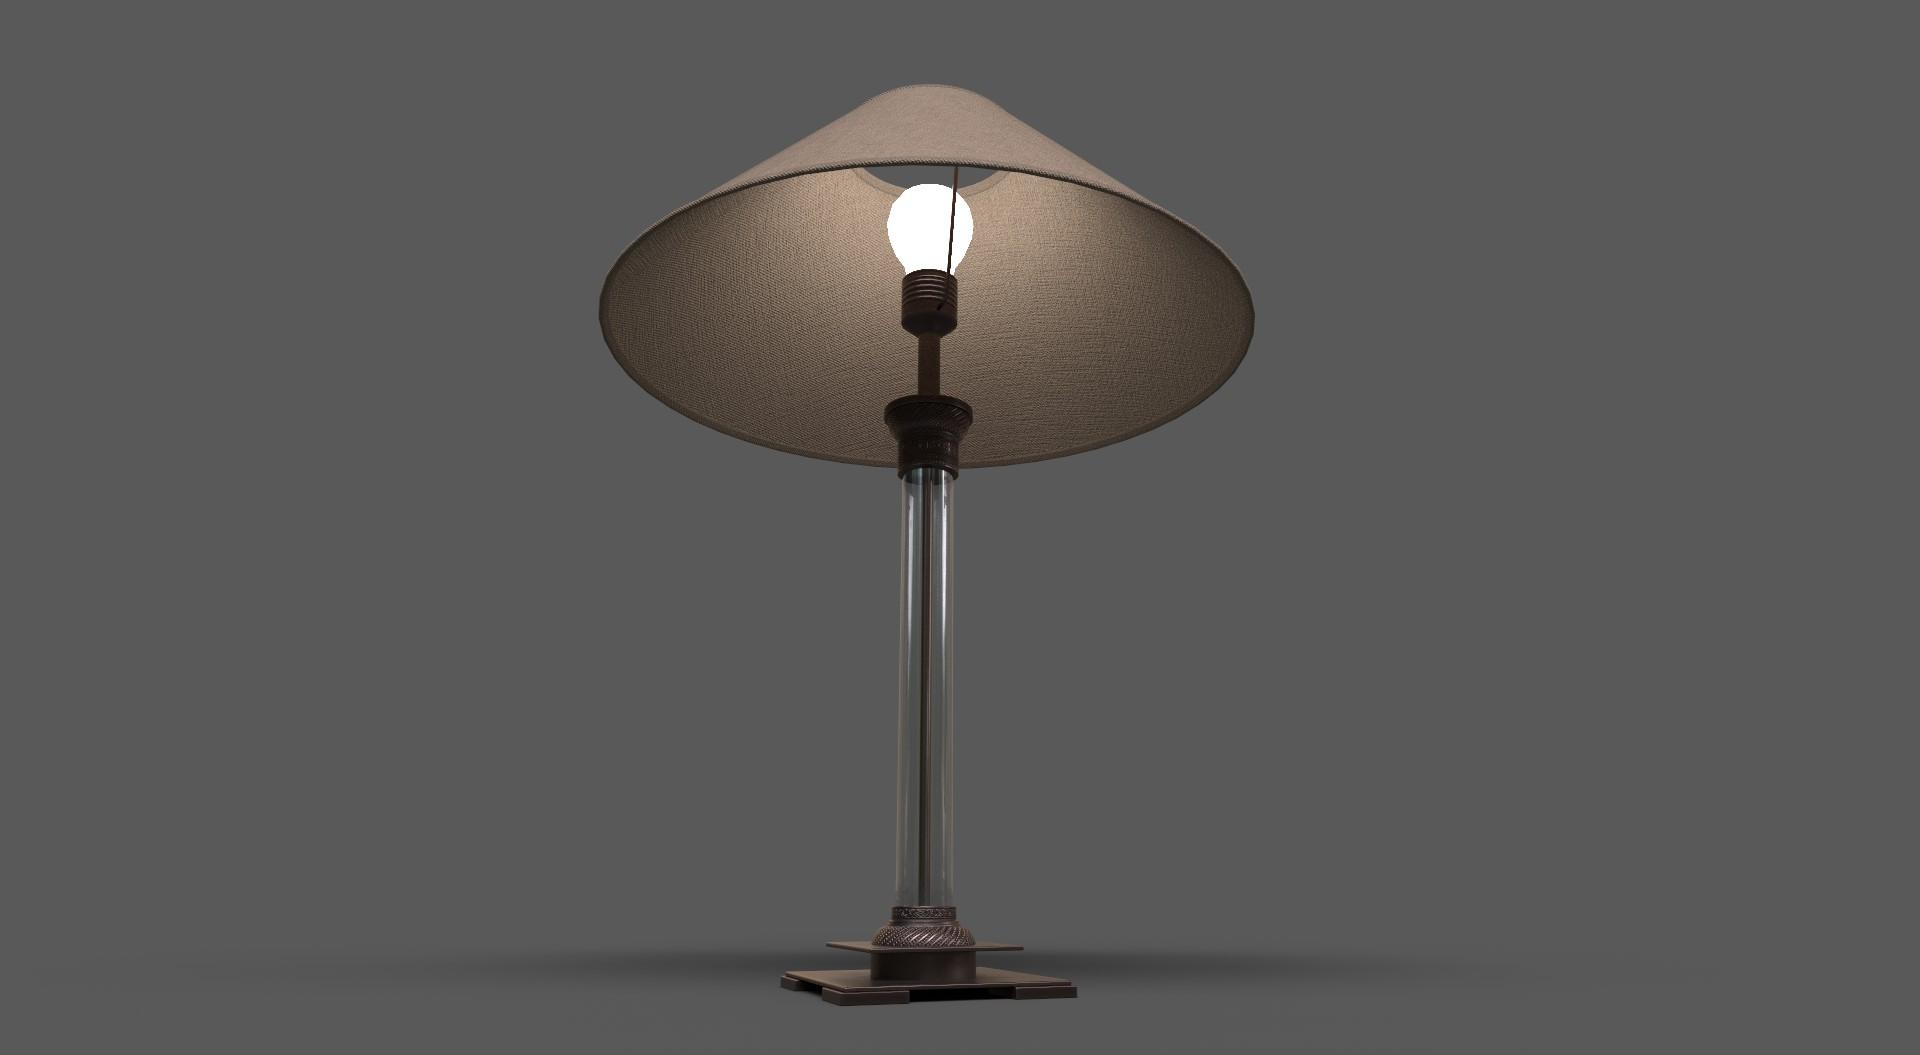 Lamp_6.jpg